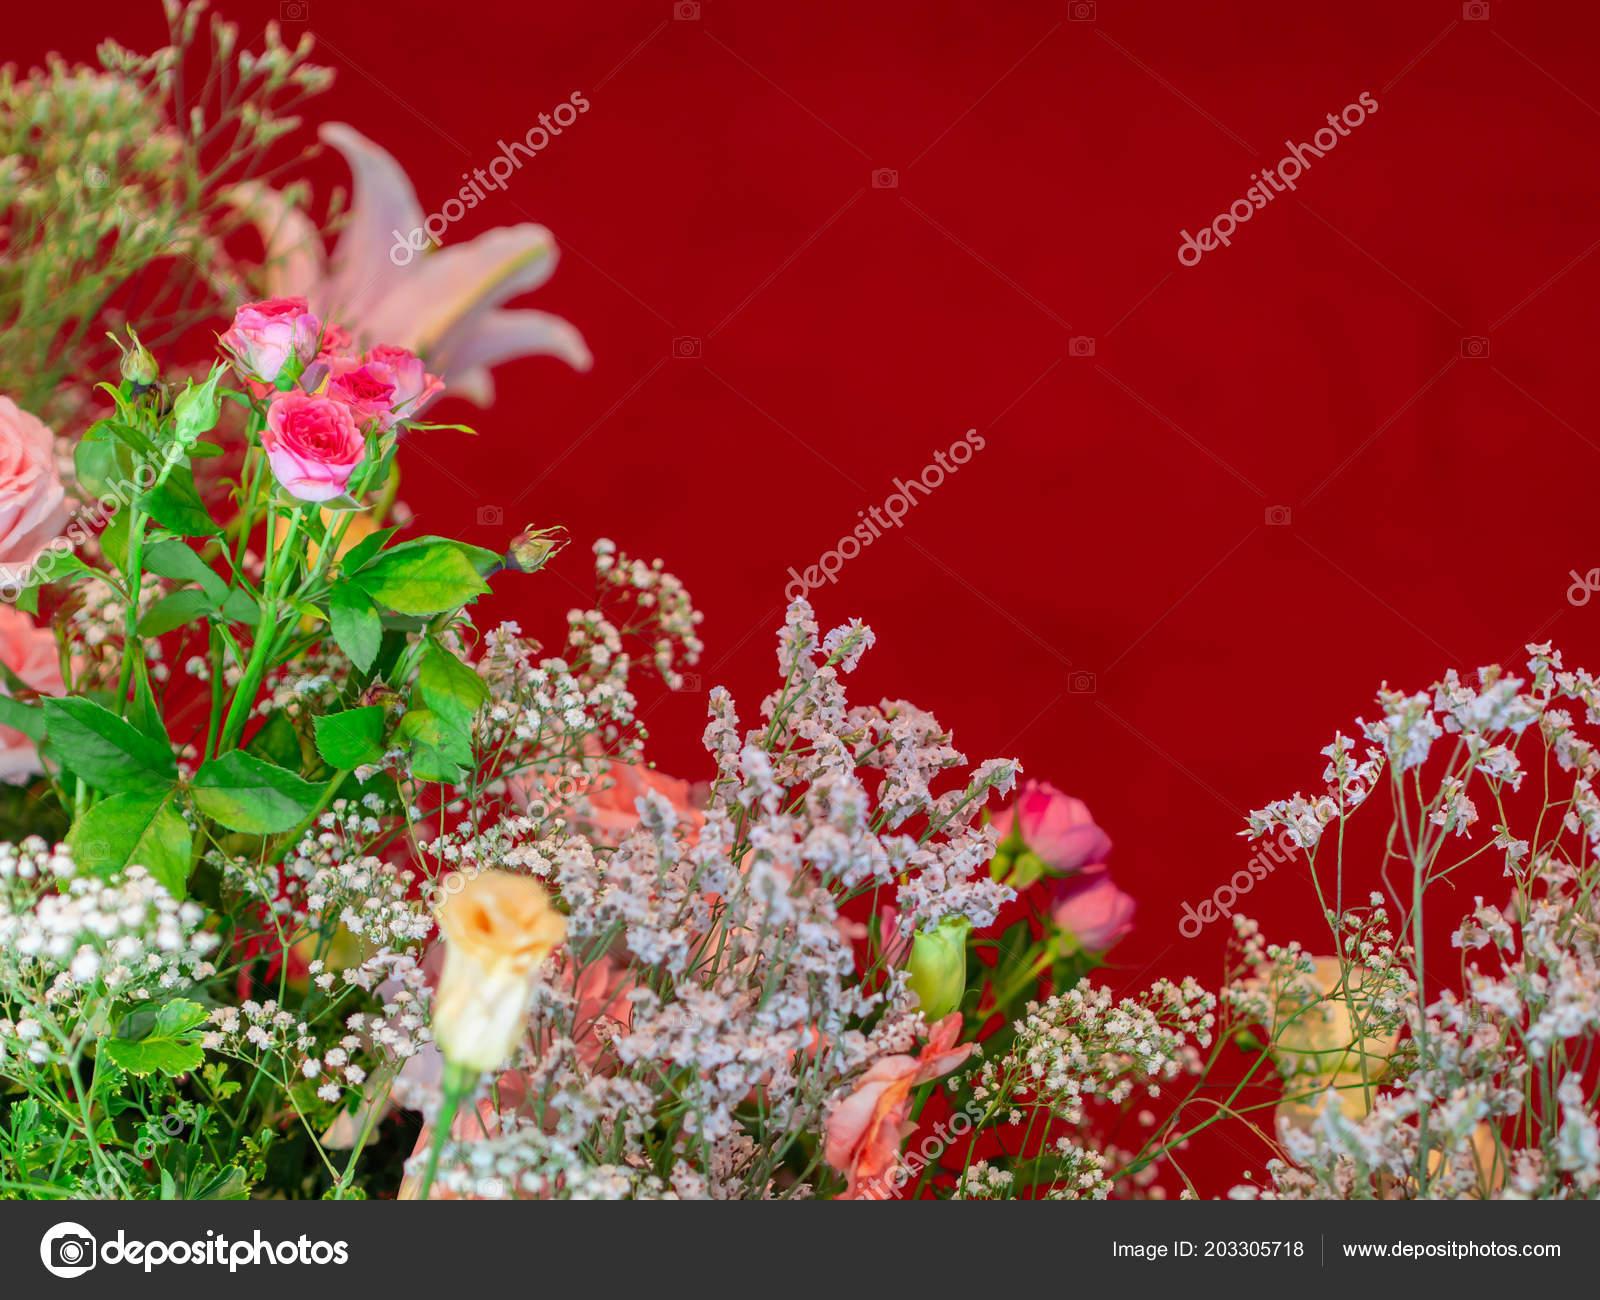 Viele Arten Von Blumen Auf Rotem Grund Wedding Hautnah Konzentrieren